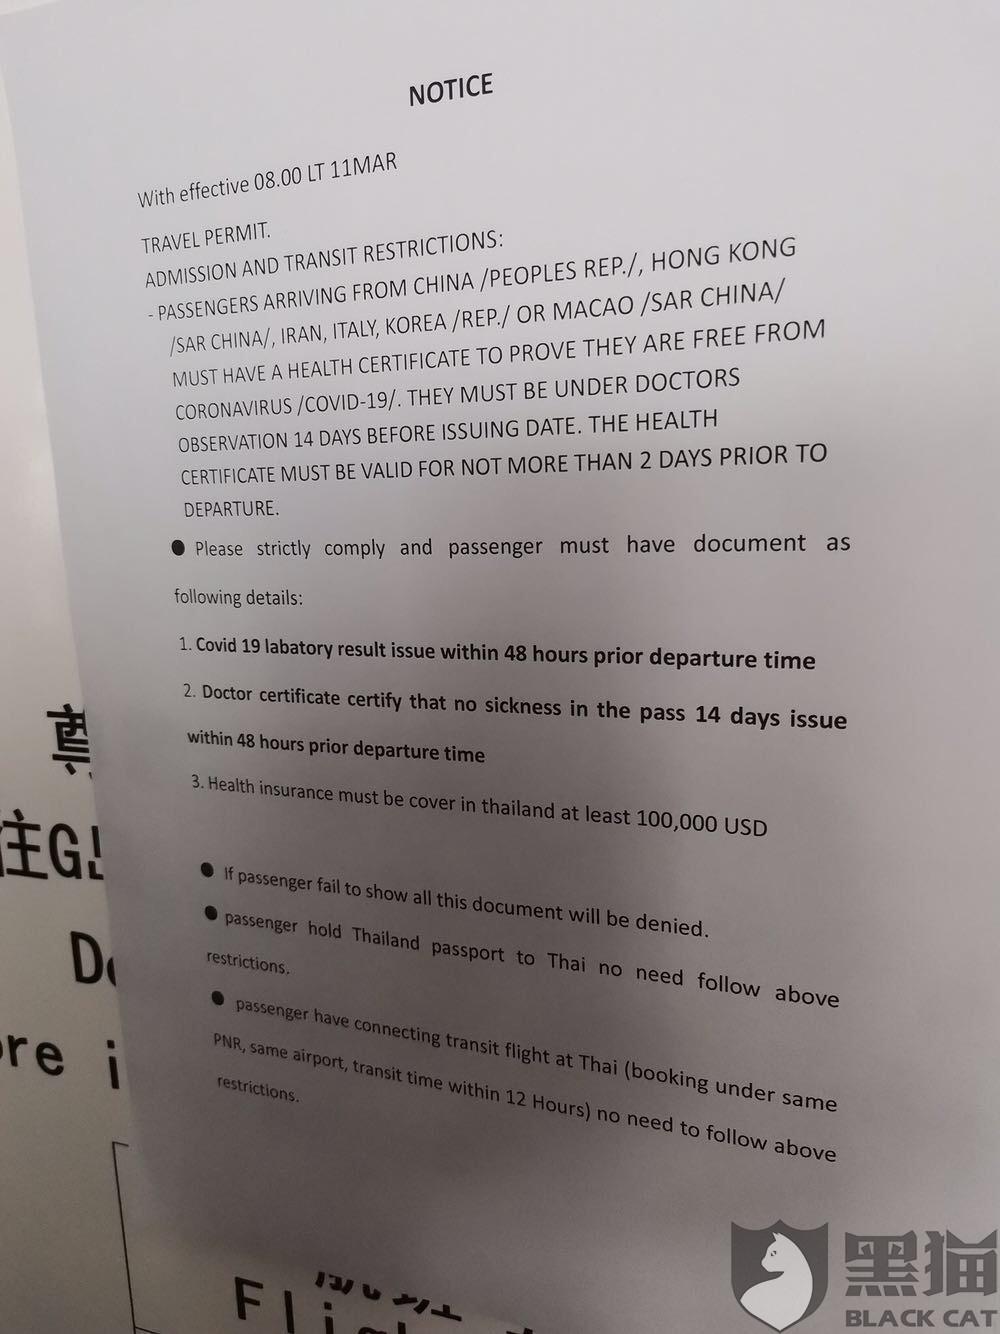 黑猫投诉:3月11日因为疫情原因航空公司新出5项规定,不让乘坐飞机去泰国,飞猪不予退票